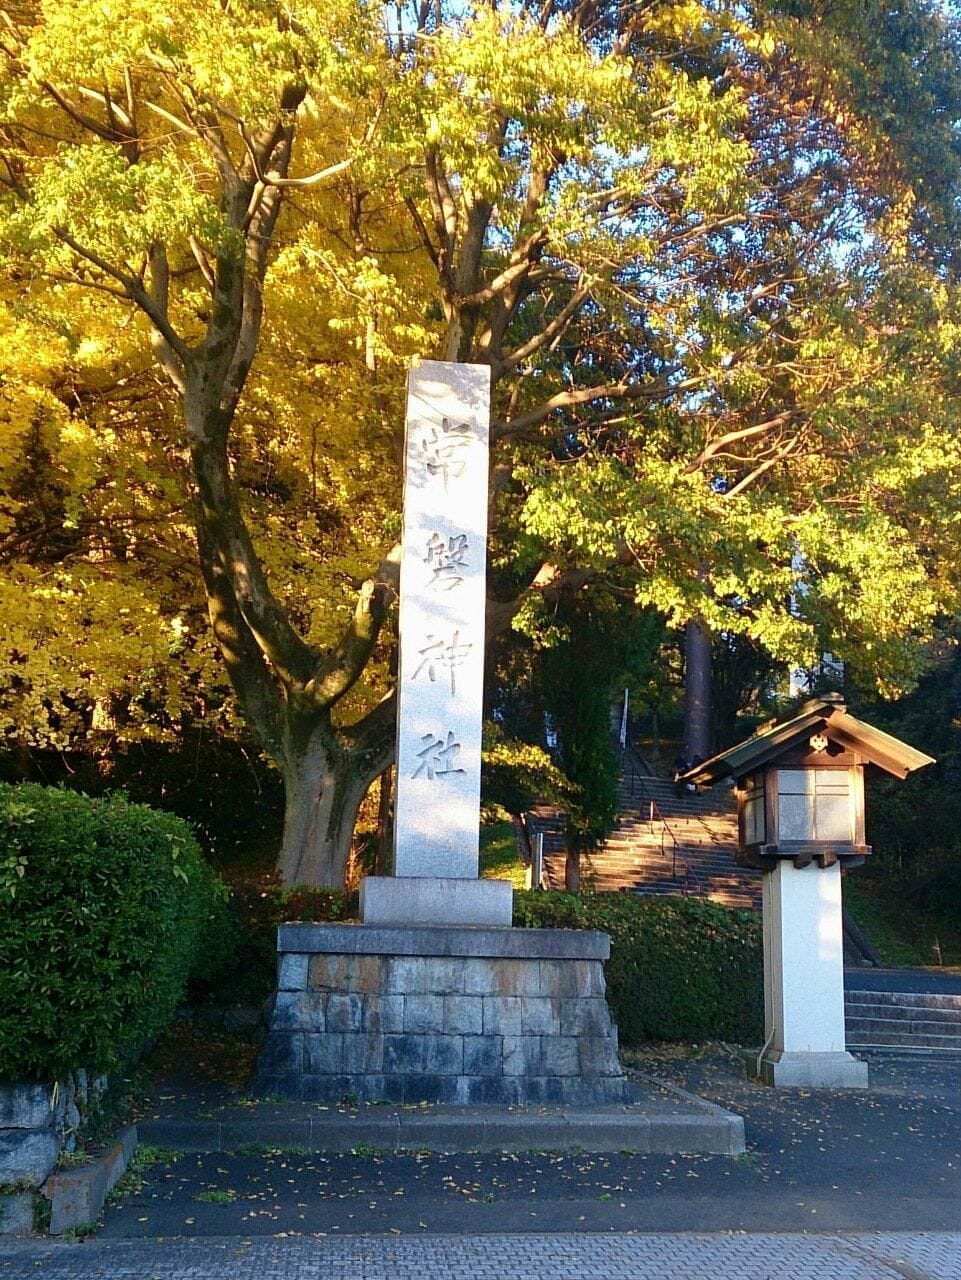 て こと 何 見 水戸 黄門 から 徳川 は 徳川 家康 に当たる 光圀